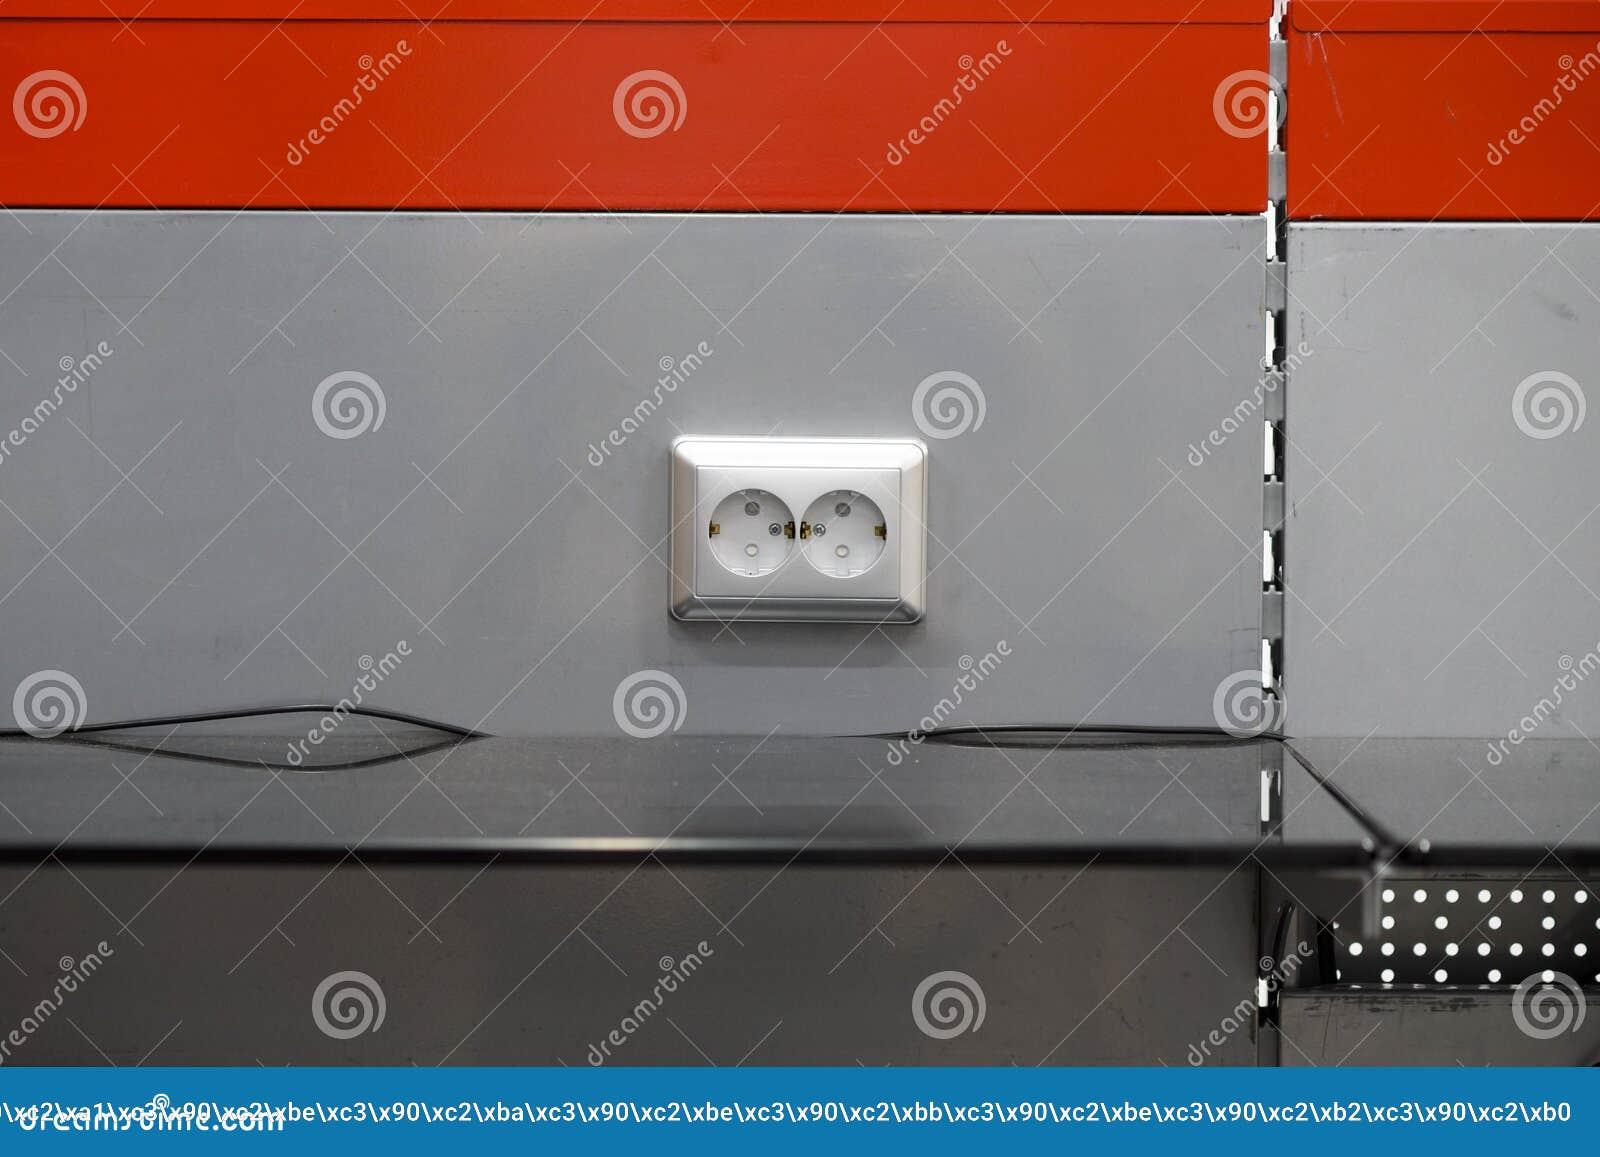 Τοποθετώντας τις υποδοχές, εγκαταστήστε τις εξόδους εναλλασσόμενου ρεύματος με το κατσαβίδι